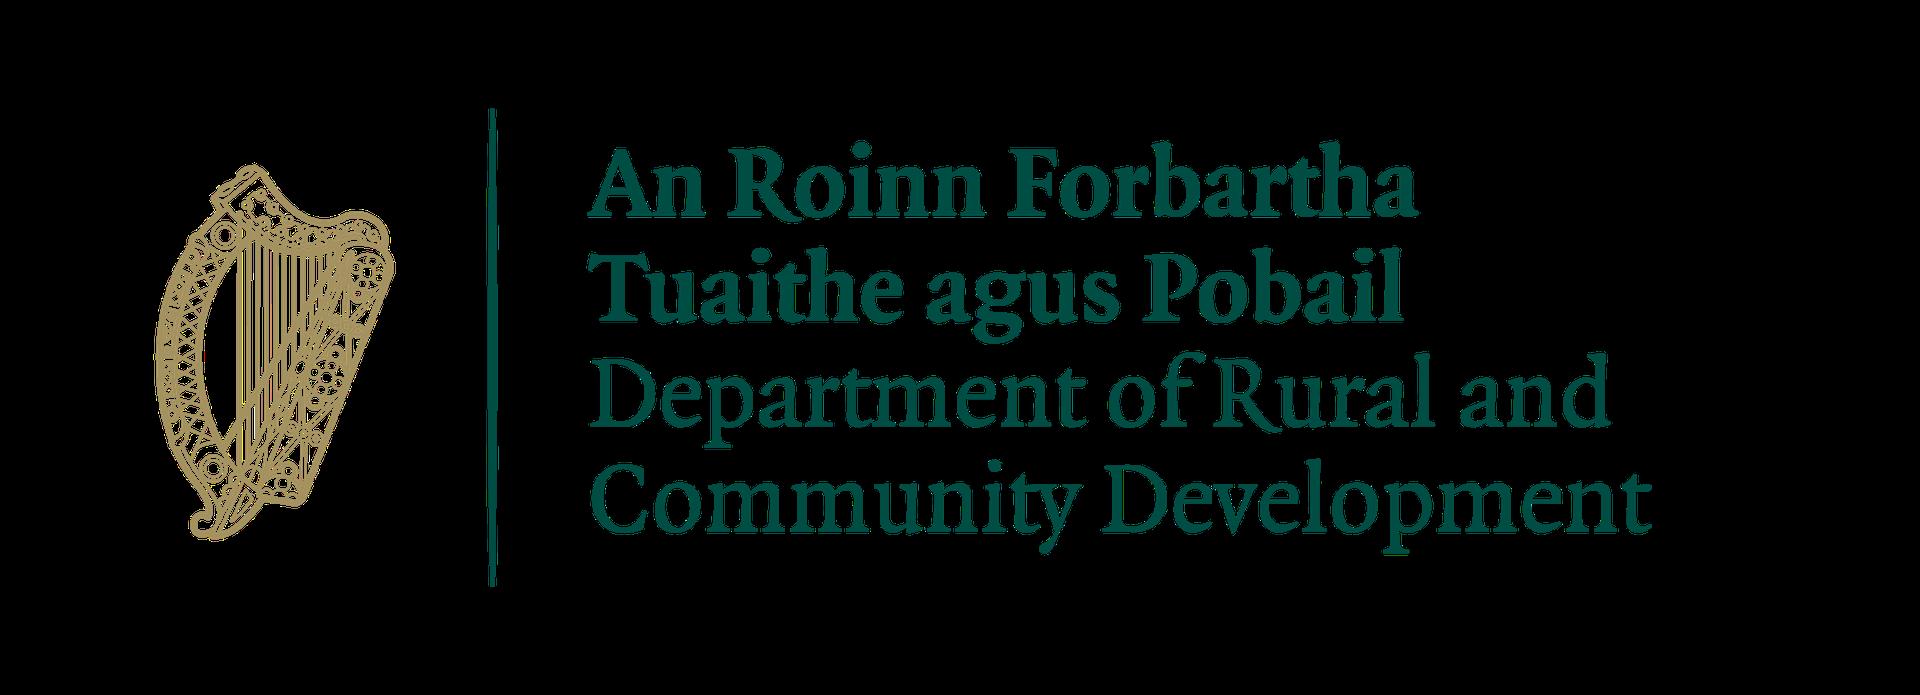 Dept Rural affairs